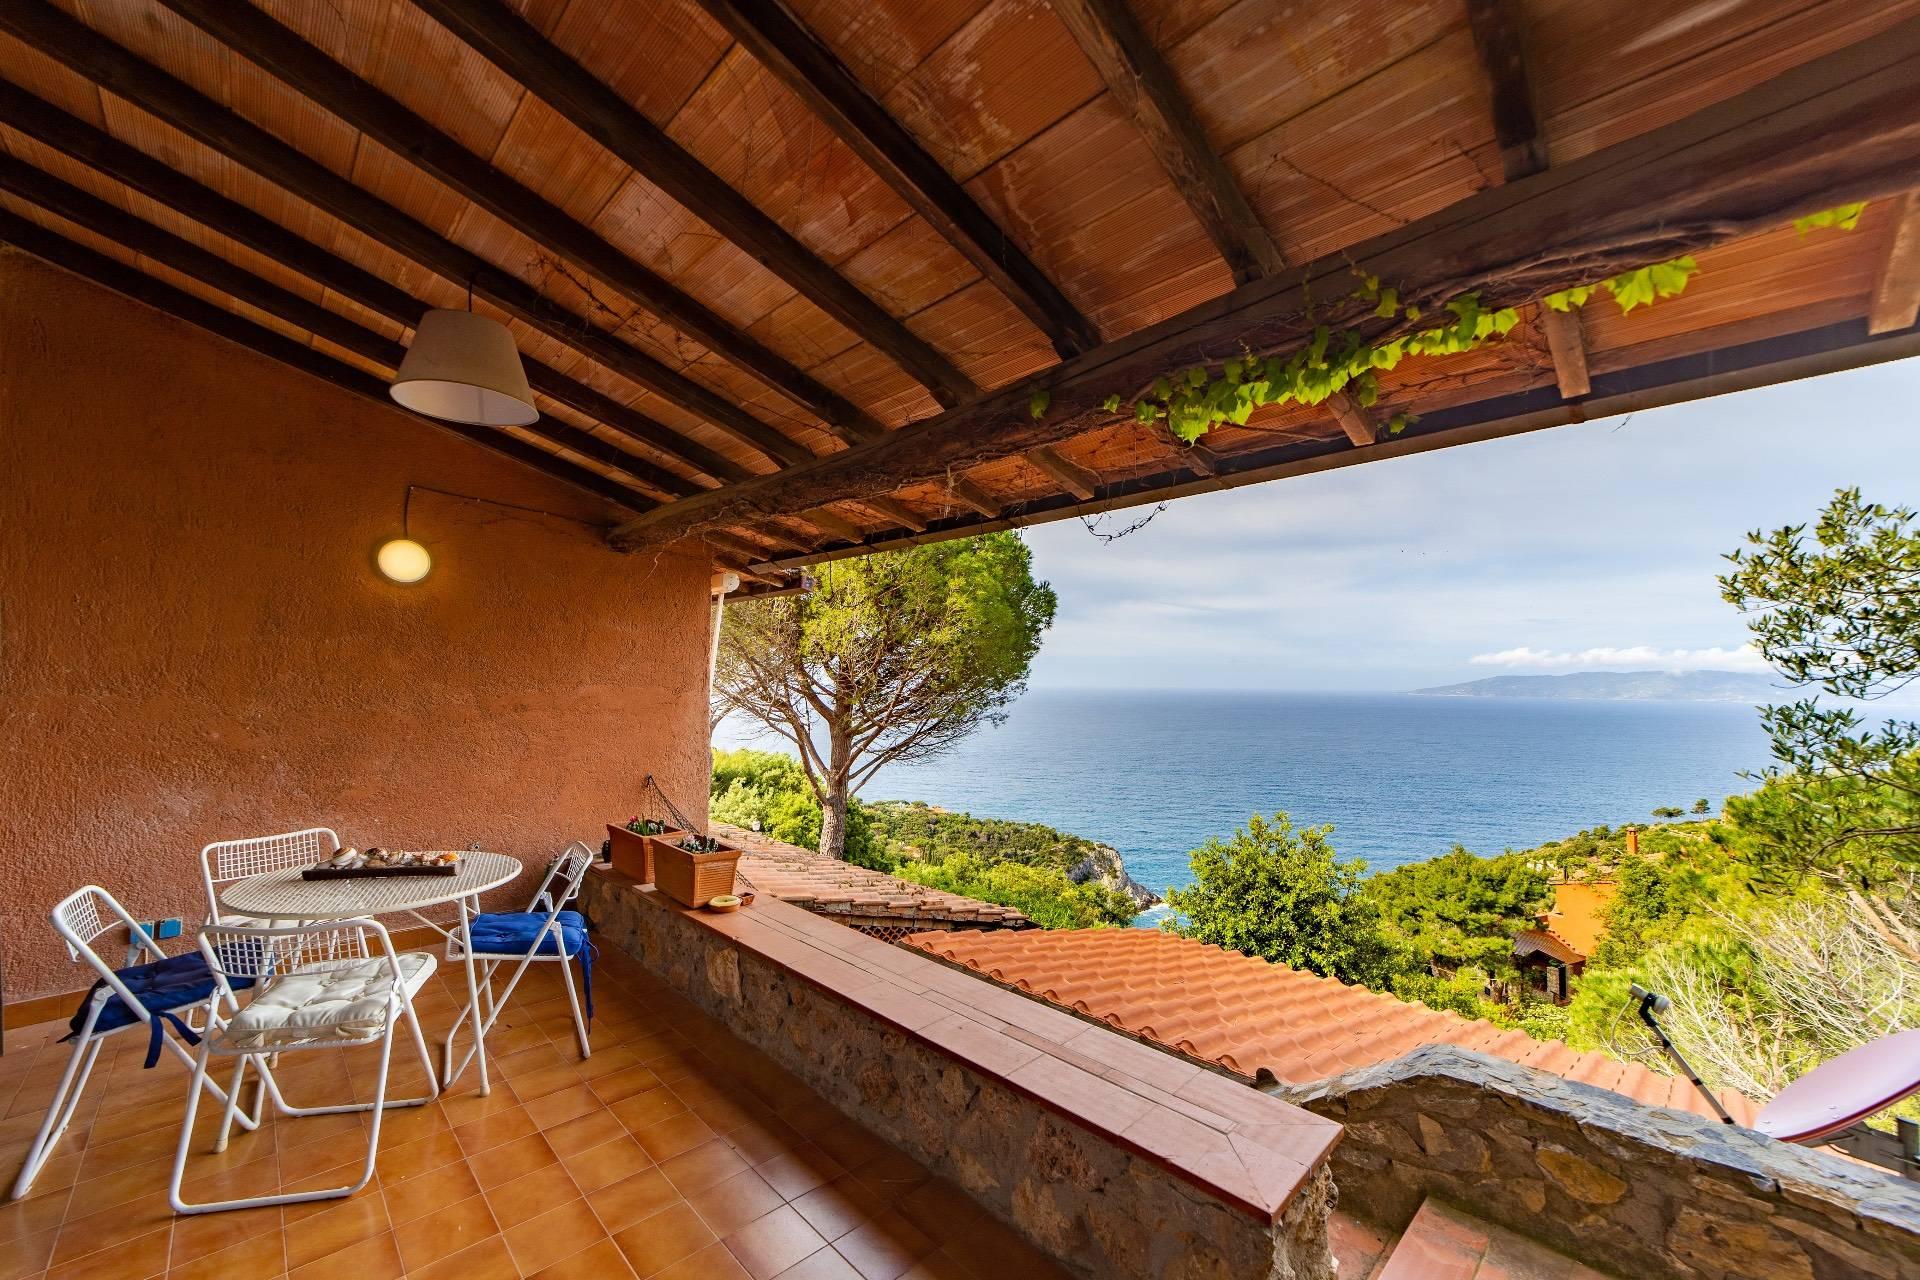 Appartamento in affitto a Monte Argentario, 2 locali, zona Località: CalaPiccola, prezzo € 1.300 | CambioCasa.it